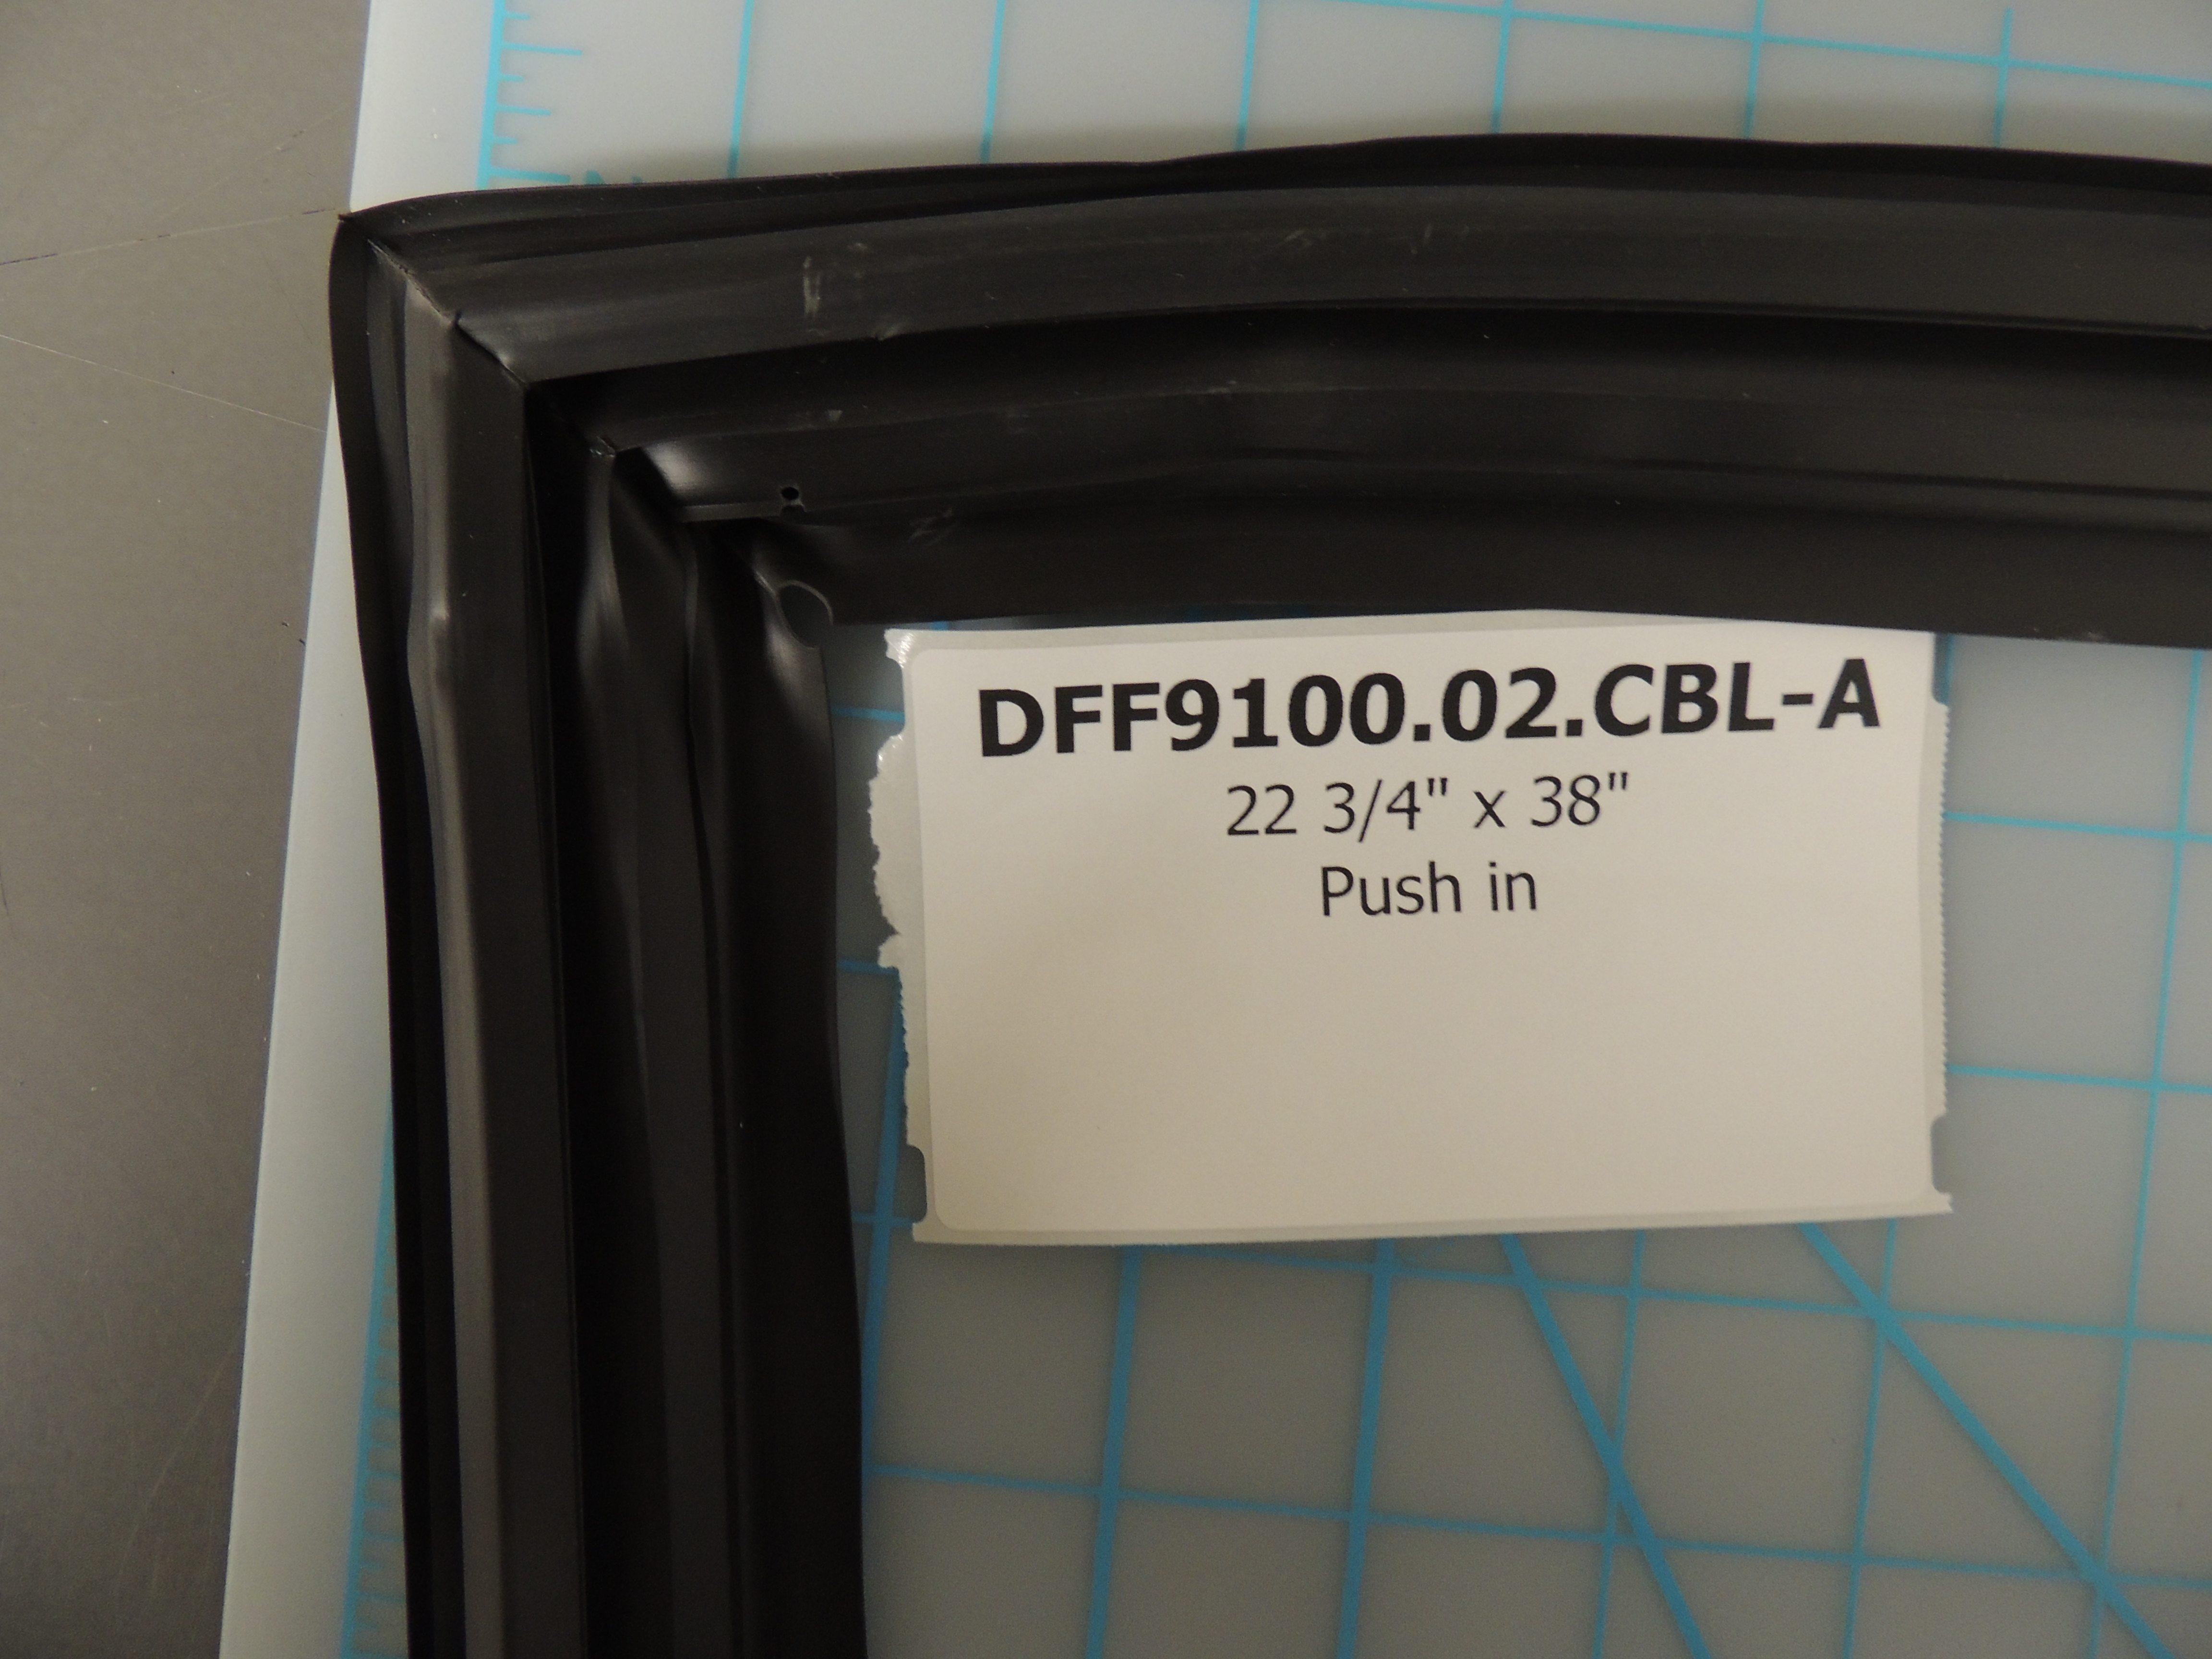 DFF9100BL REF DOOR GASKET PUSH